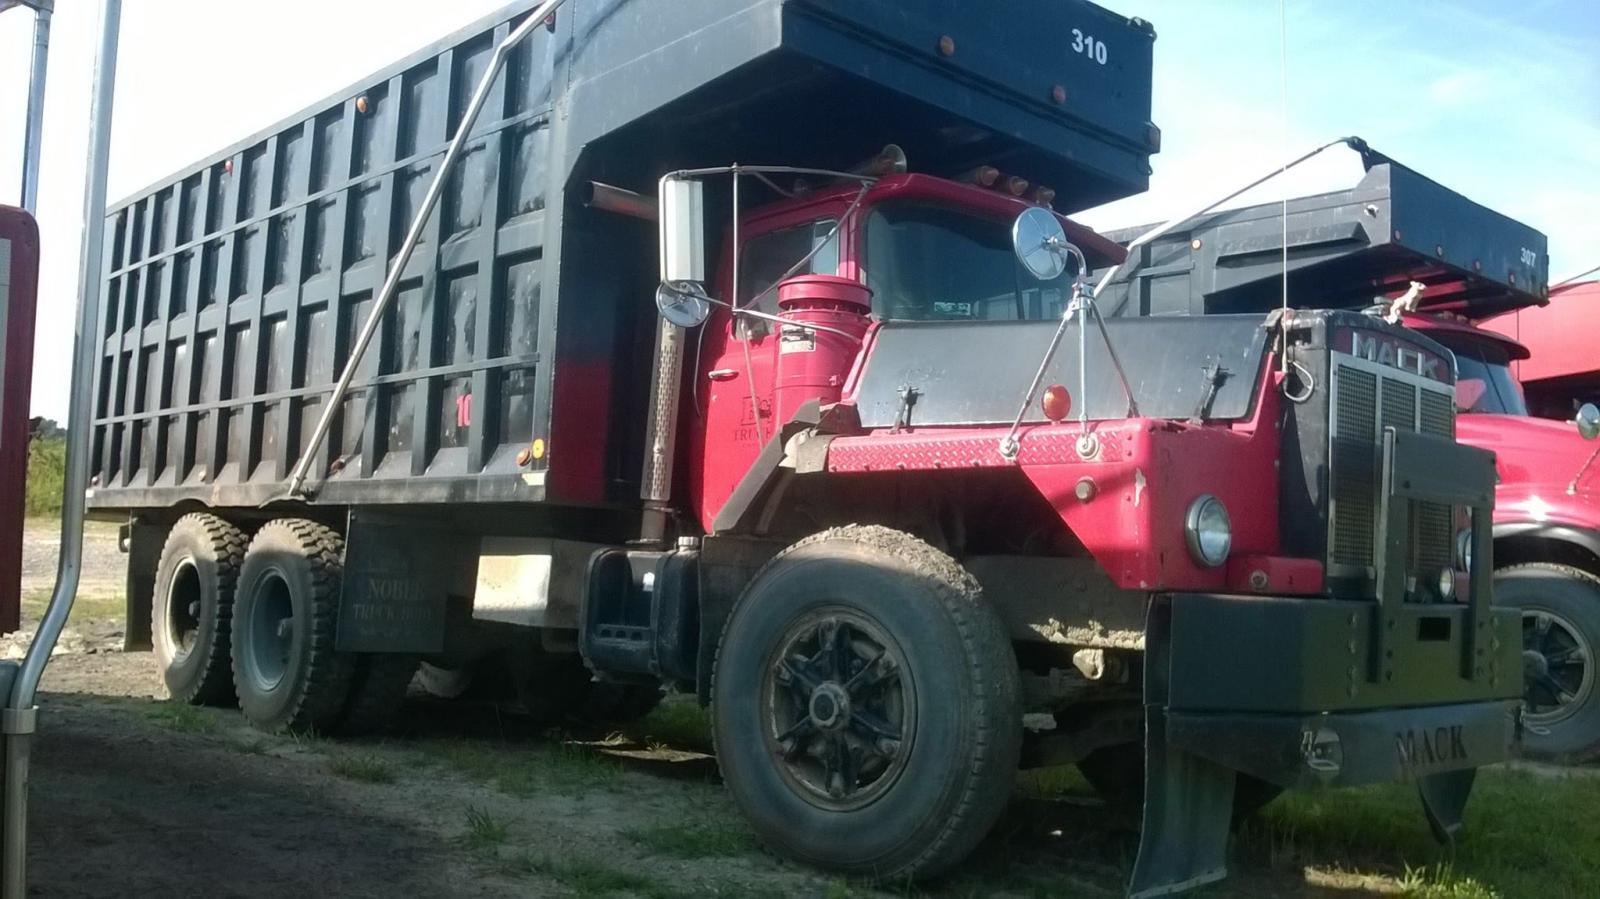 Mack Trucks For Sale >> Selling my fleet of 15 Mack coal trucks. - Trucks for Sale ...